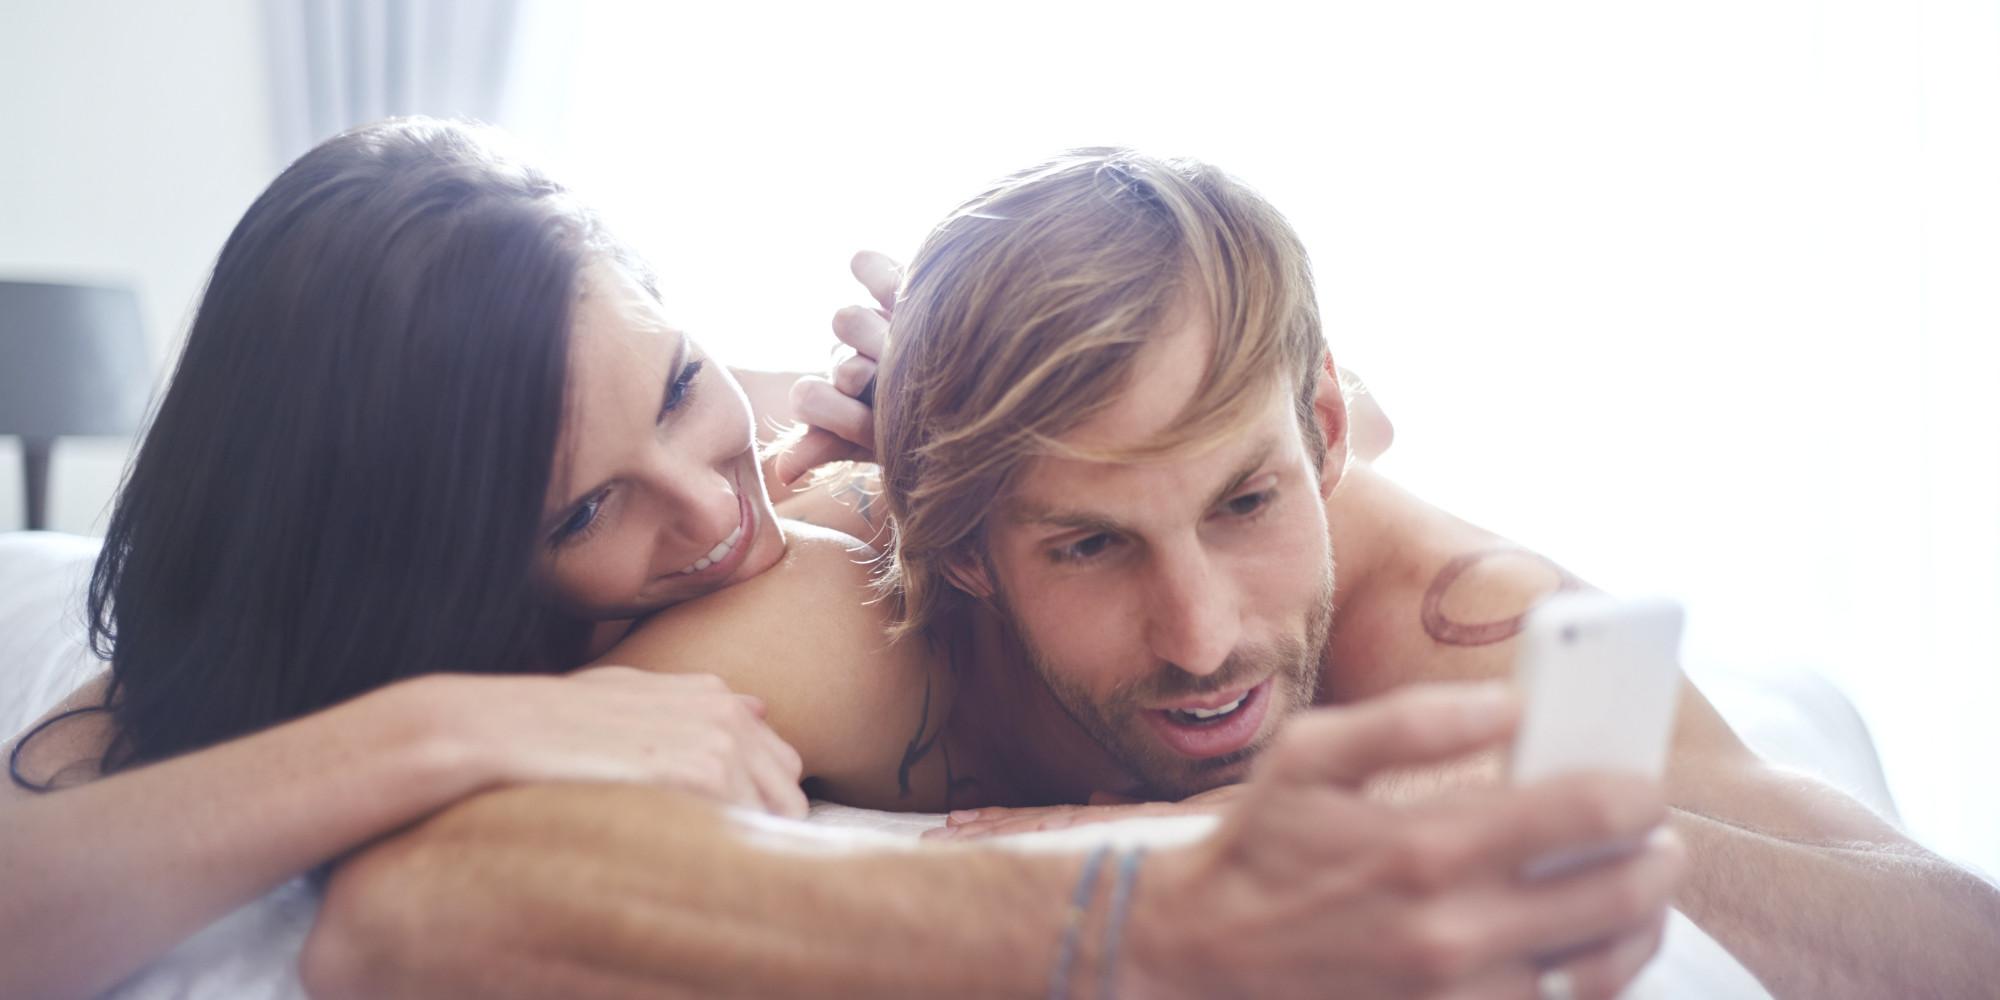 Секс в постеле домашний, Муж и жена в постели снимают домашнее порно 1 фотография